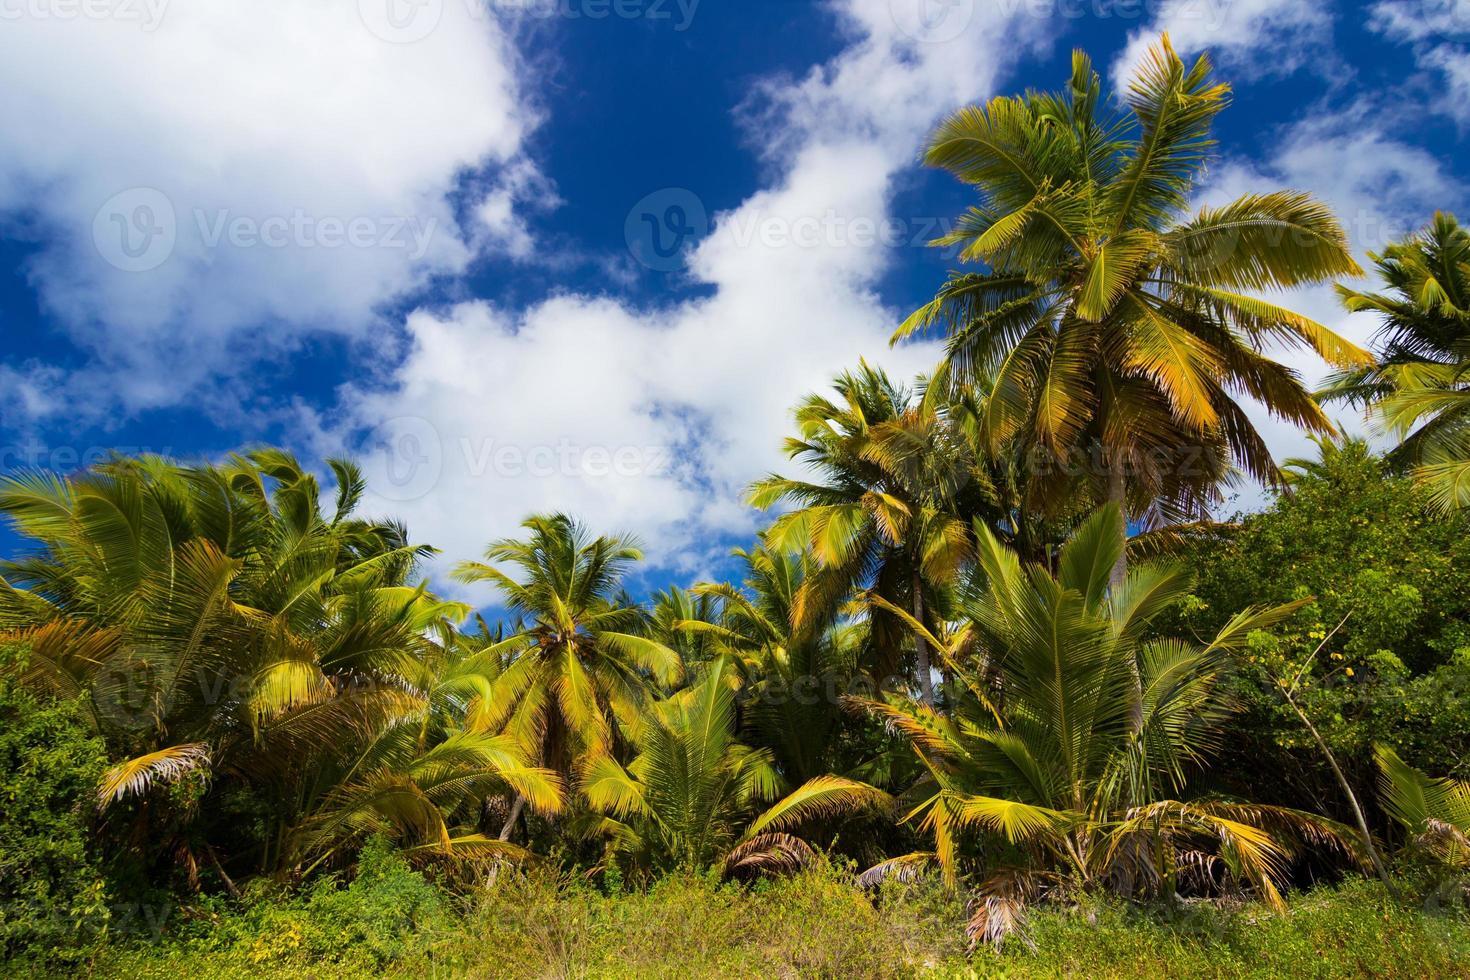 palmeiras na praia selvagem do caribe foto